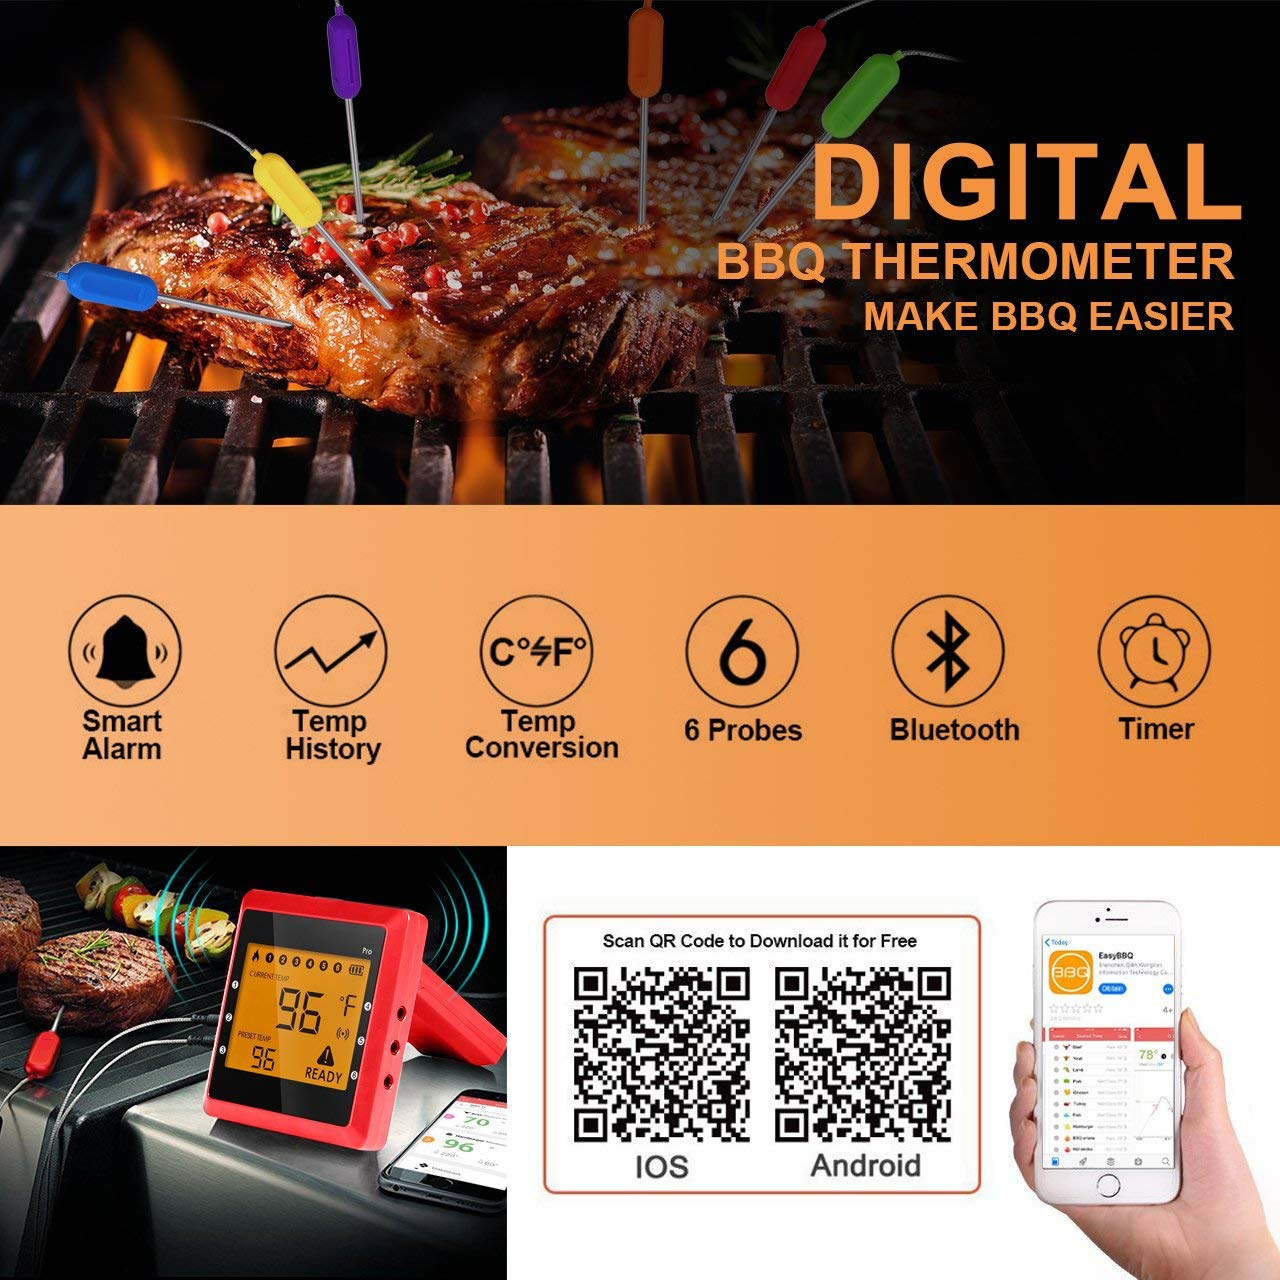 Digital Thermometer Küche, Migvela Grillthermometer mit 6 Fühler, Bluetooth Fleischthermometer Funk Bratenthermometer mit Temperaturalarm, APP Steuer mit 100M Reichweite, Wireless BBQ Thermometer Set für Smoker, Grillen, Backen, und Kochen